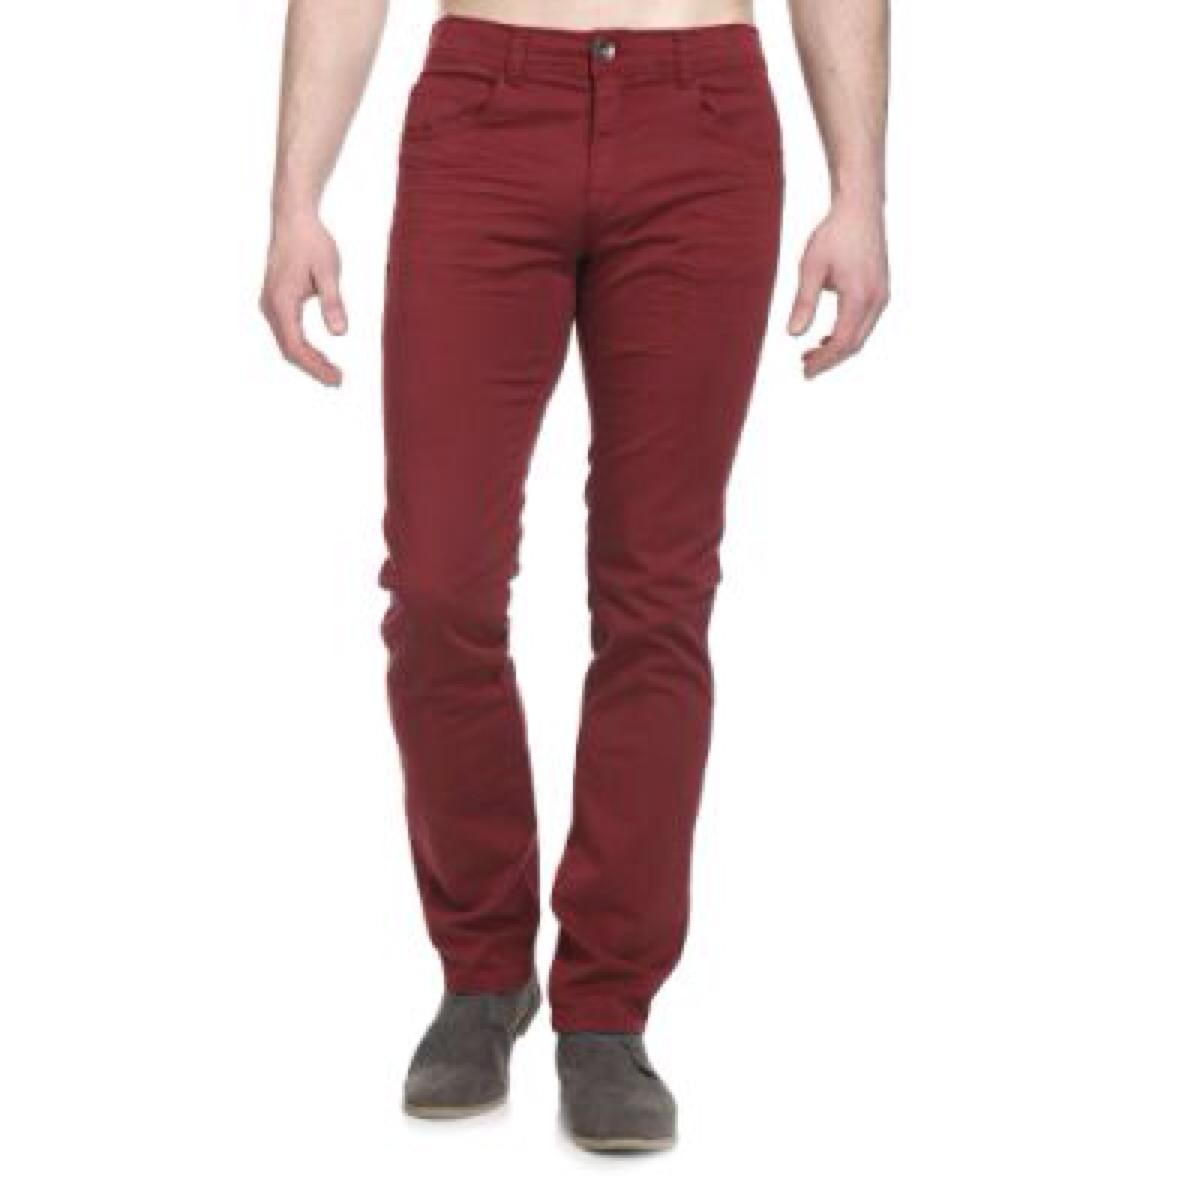 Patrón para confeccionar pantalones de vestir para hombre. En este caso los pantalones, puede servir tanto para acompañar con americana o chaqueta de traje o solos.